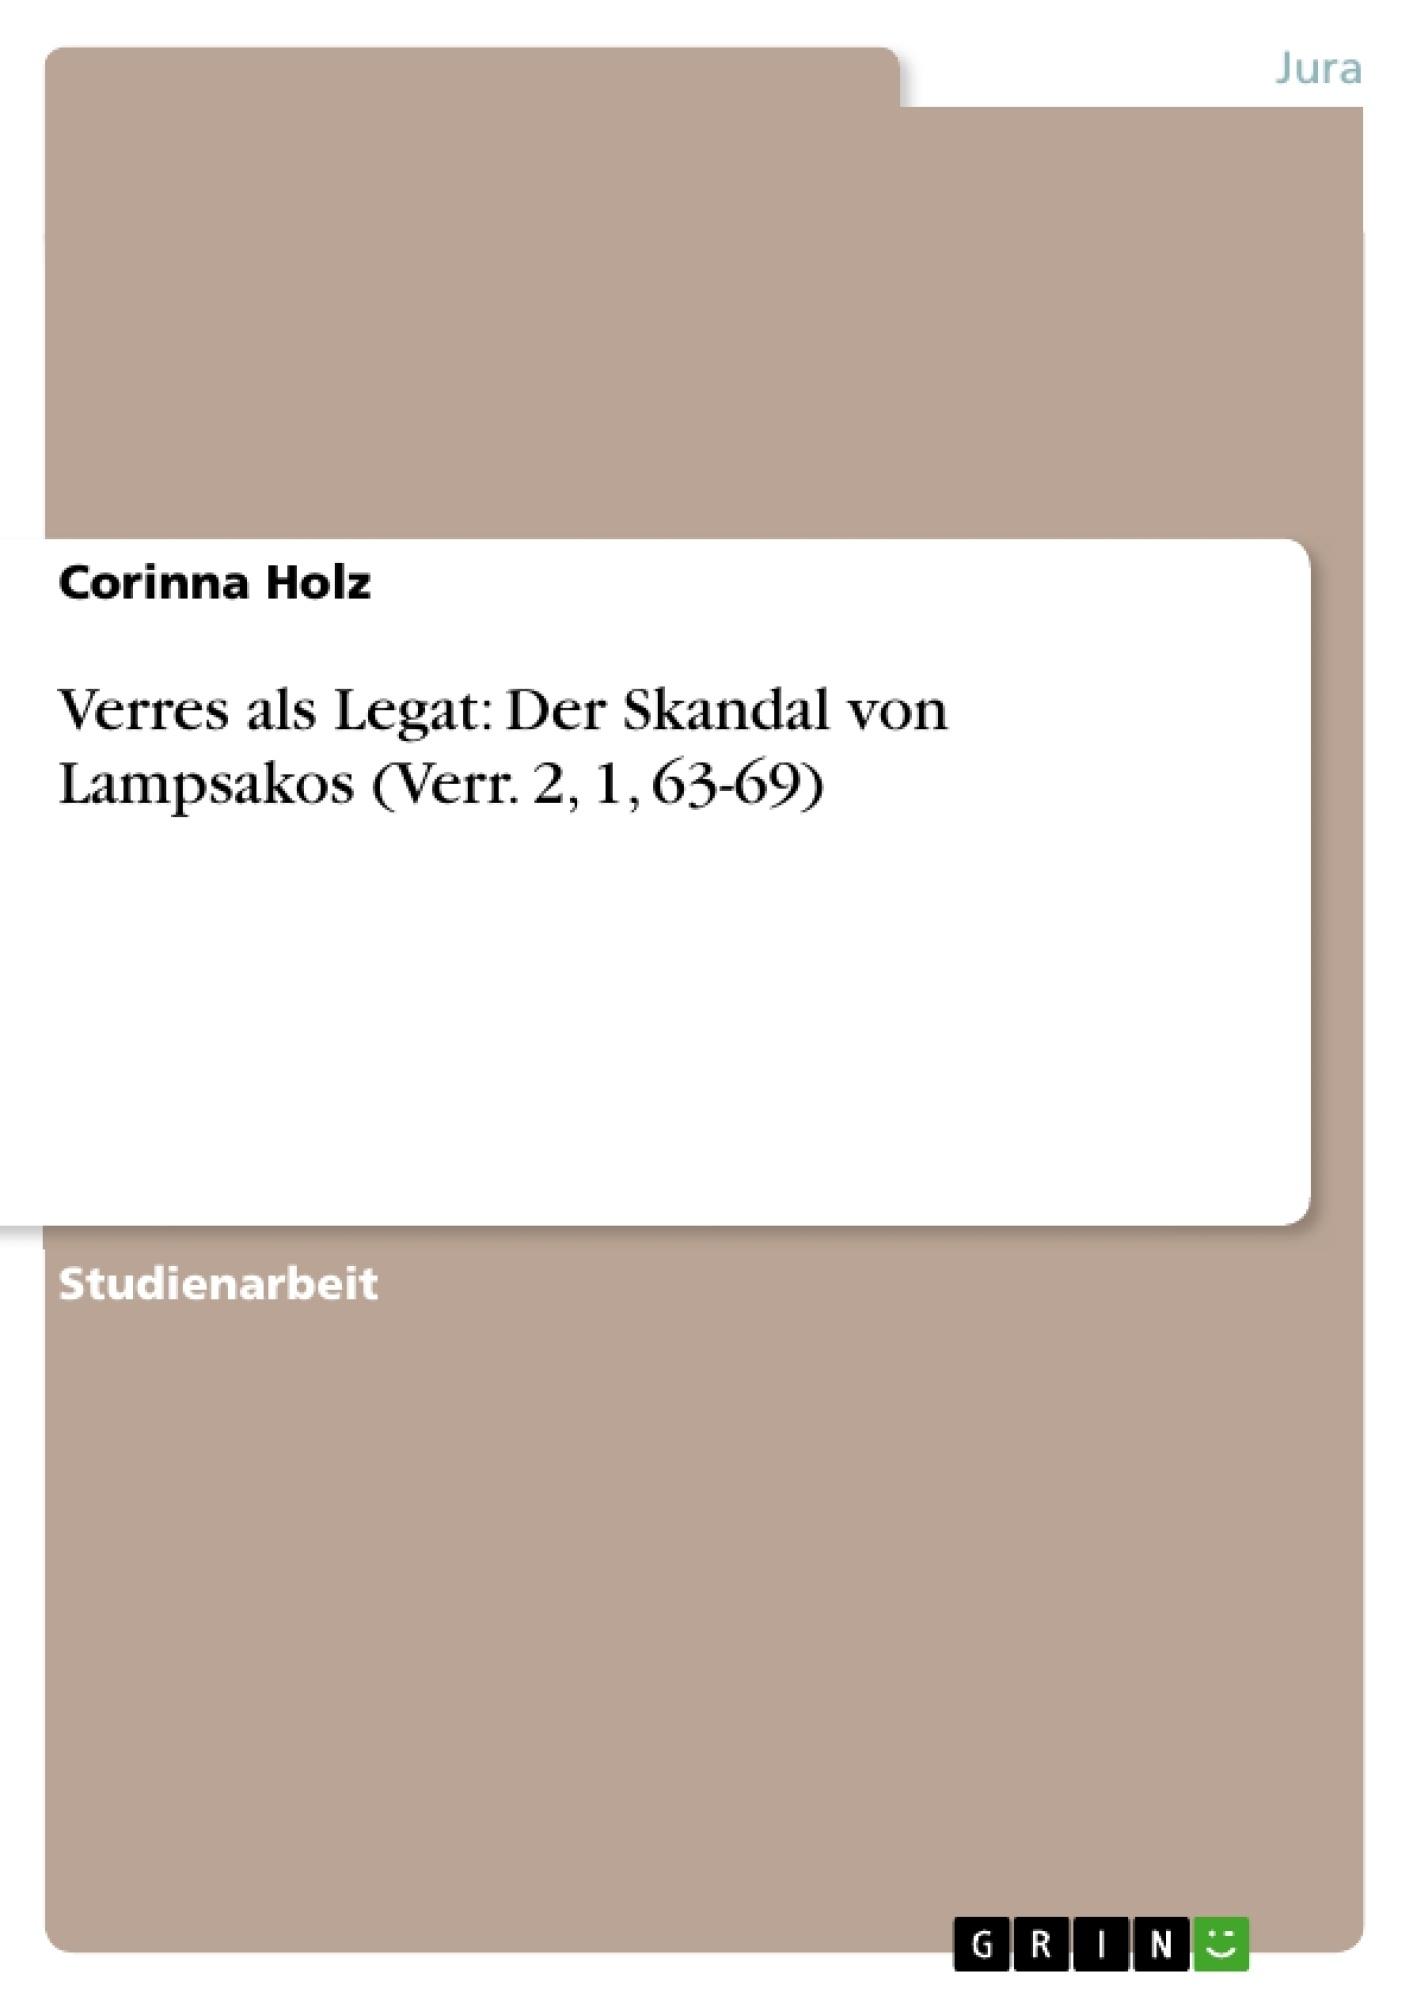 Titel: Verres als Legat: Der Skandal von Lampsakos (Verr. 2, 1, 63-69)